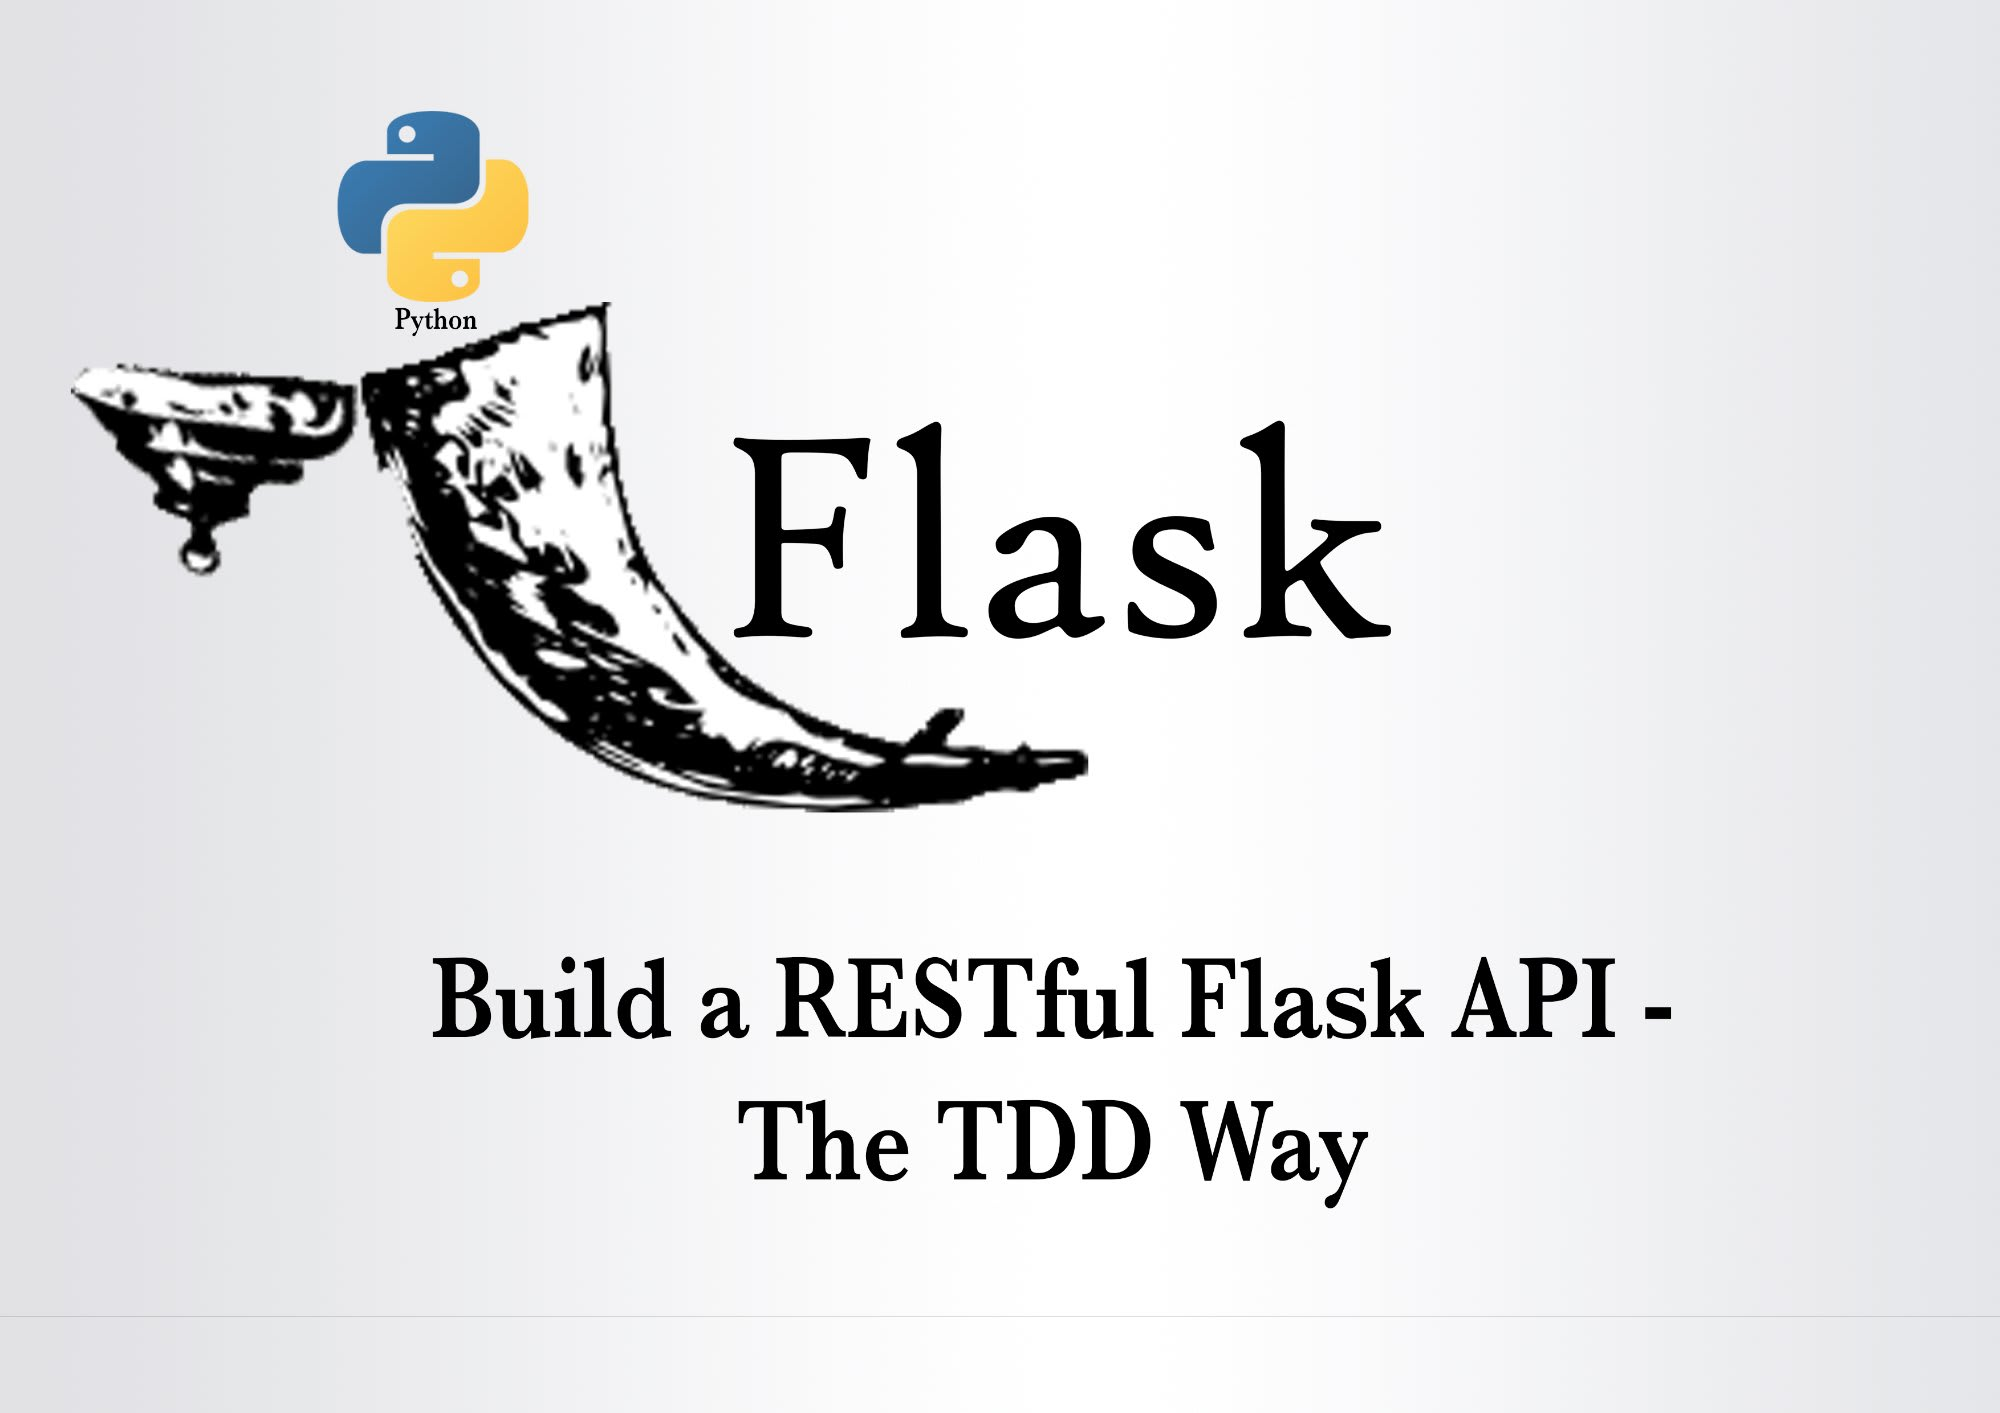 Build a RESTful API with Flask – The TDD Way ― Scotch io